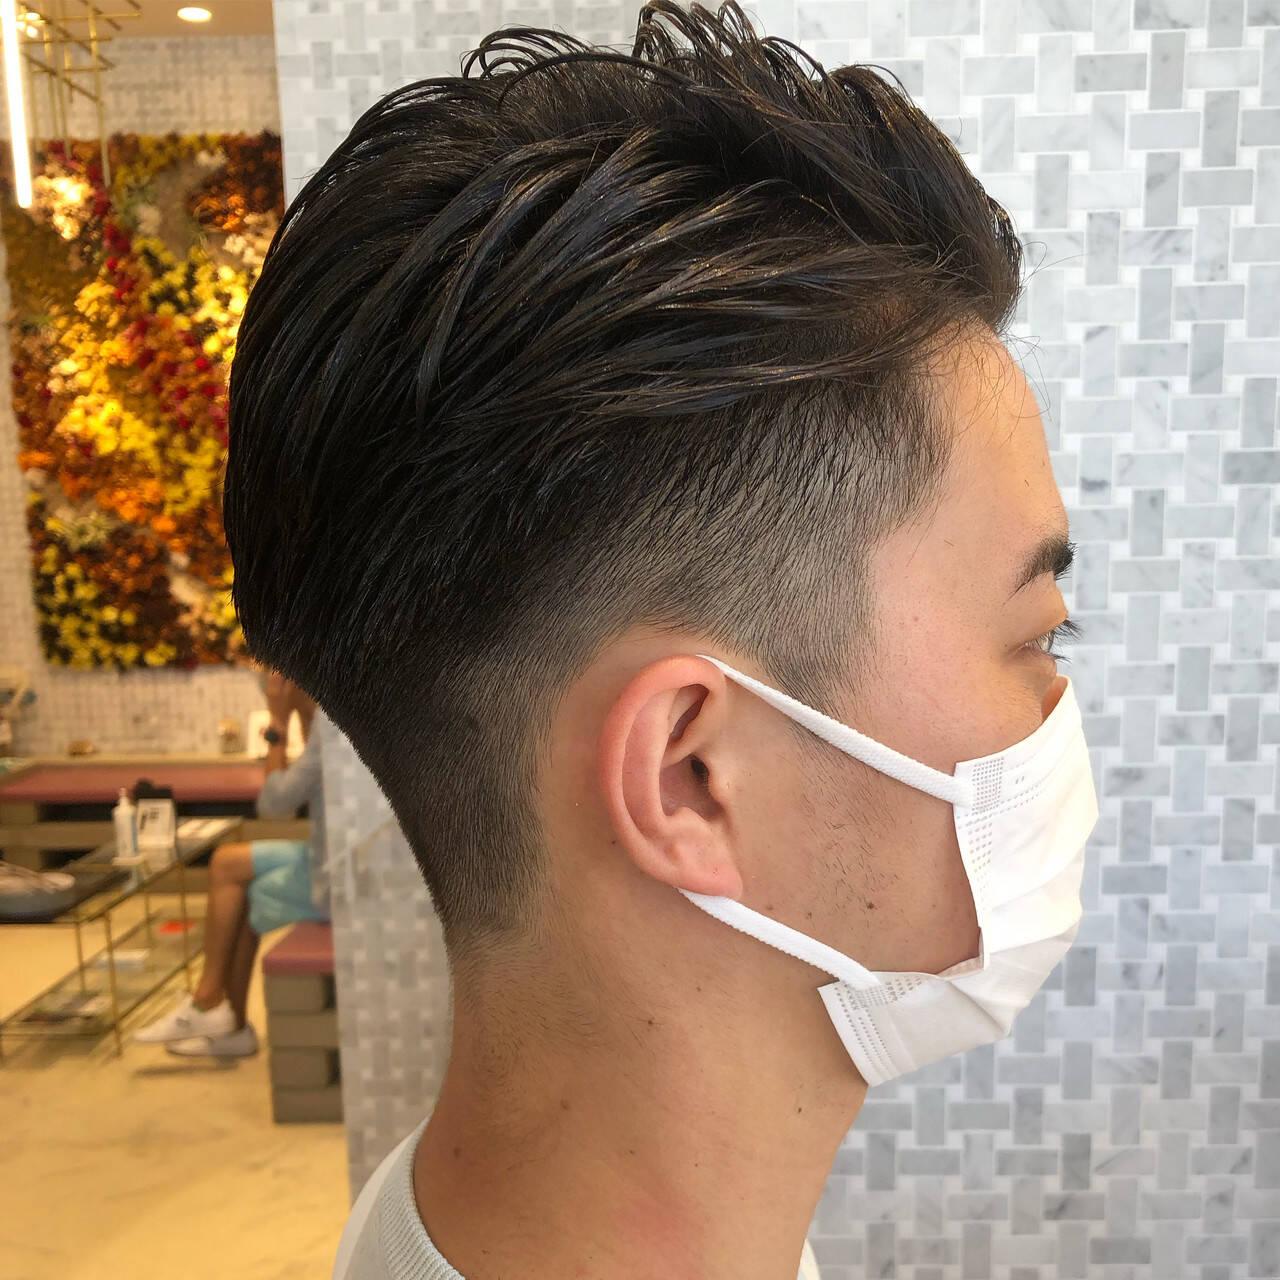 メンズショート メンズヘア ショート フェードカットヘアスタイルや髪型の写真・画像